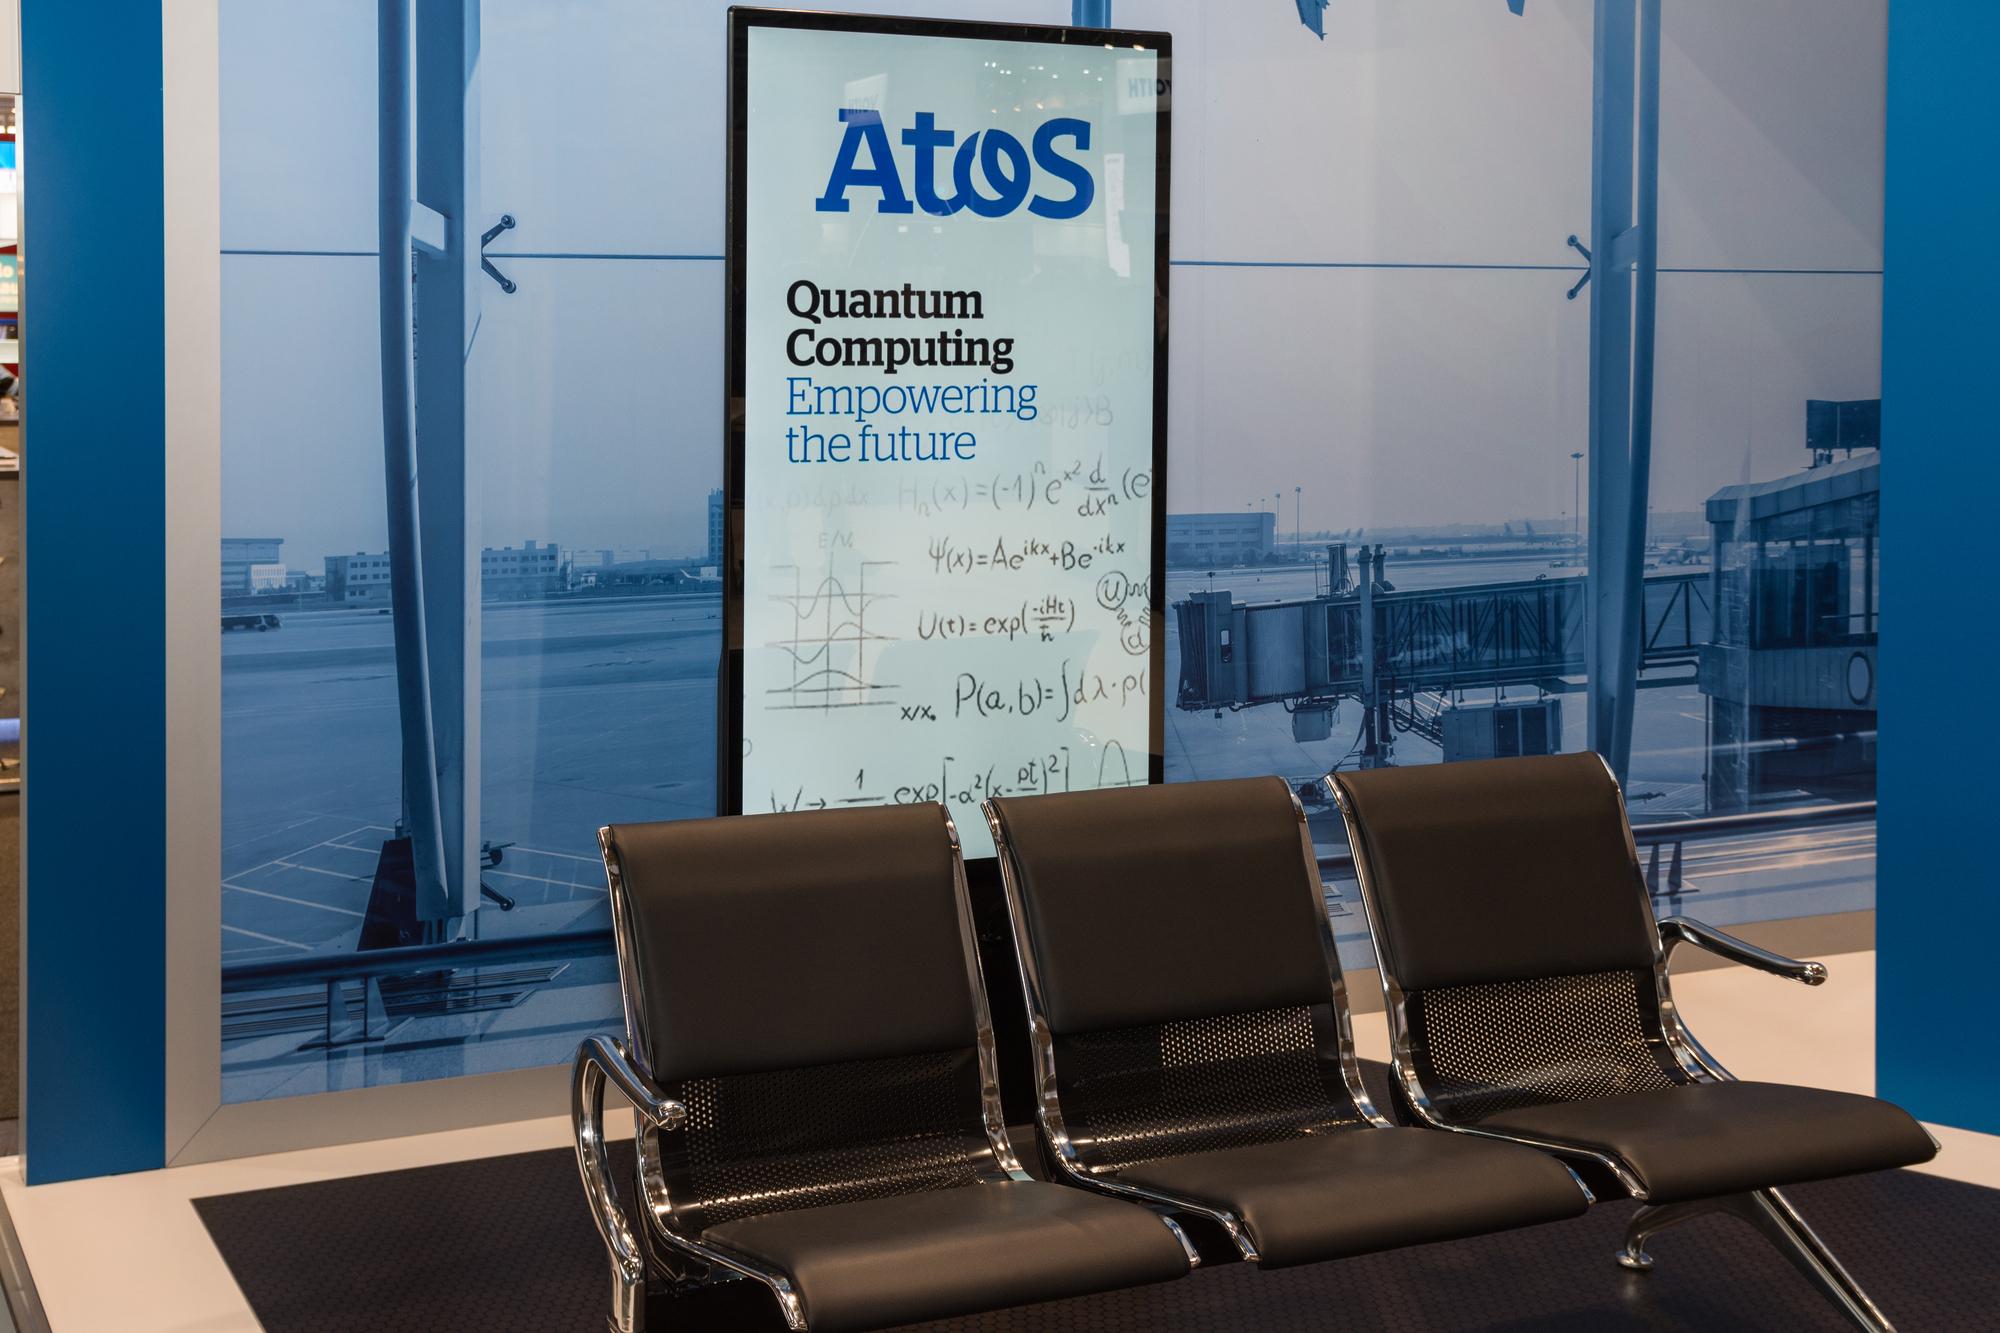 שלט פרסומת של חברת אטוס בנמל התעופה של הנובר, גרמניה, 13 ביוני 2018. עידוד הפעילות בתחום הקוונטים באירופה. אילוסטרציה: depositphotos.com